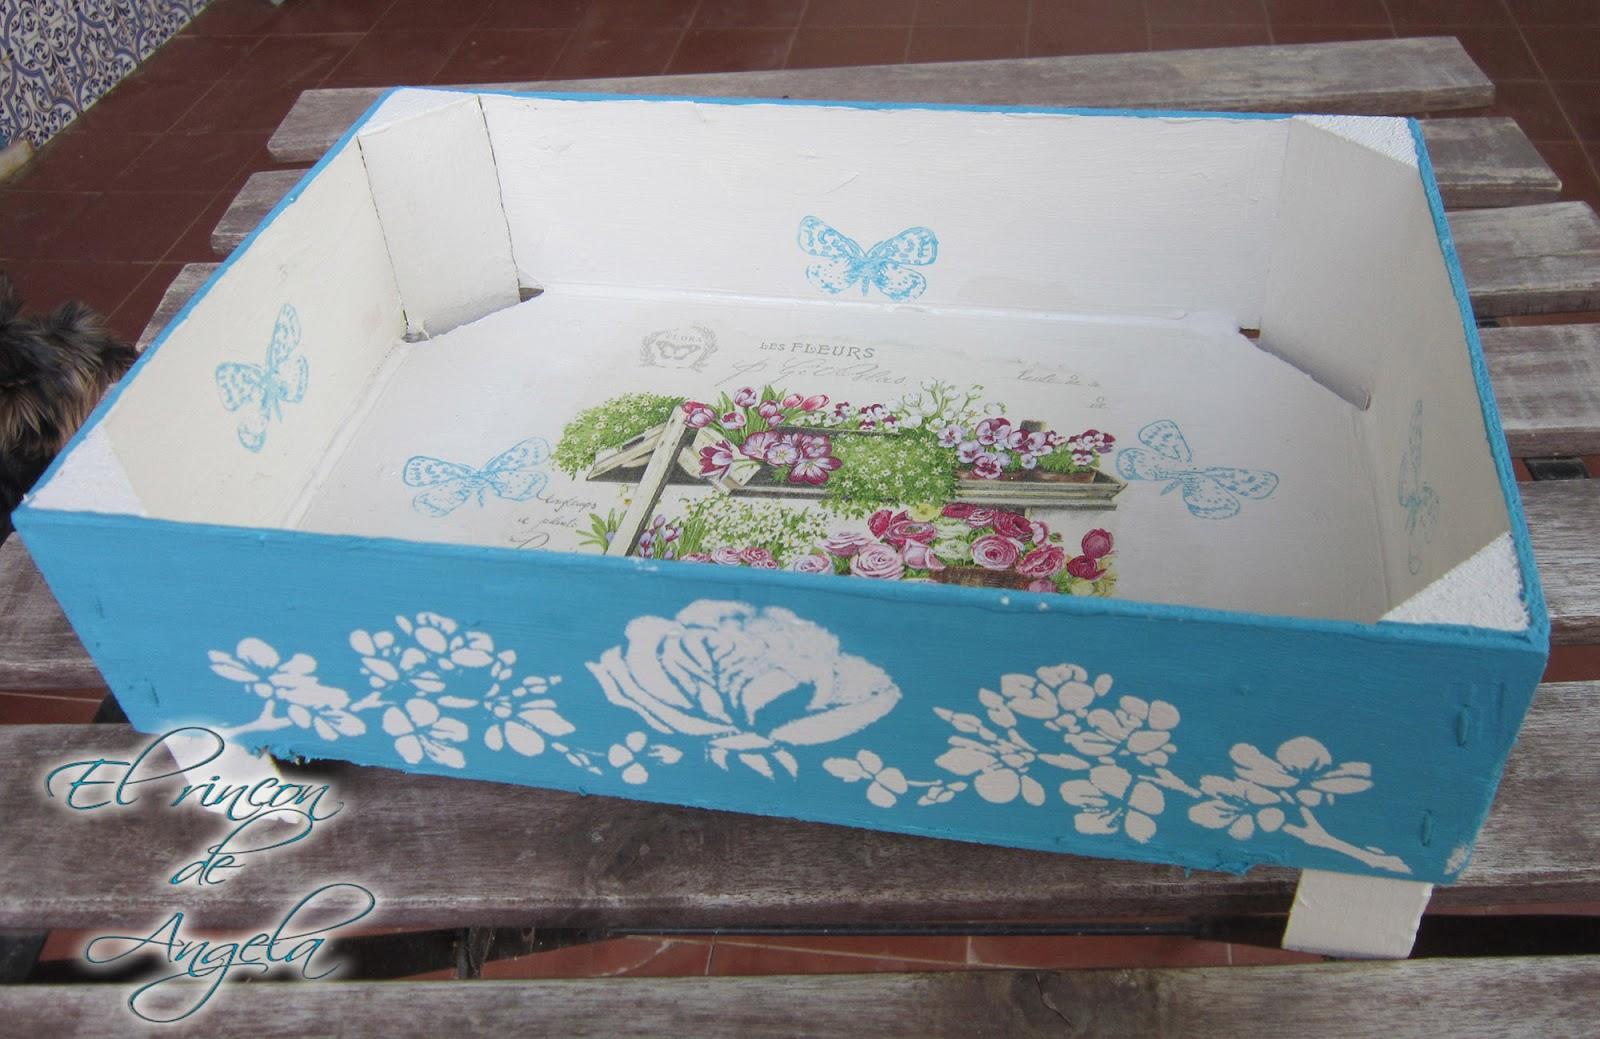 El rincon de angela reciclar una caja de fresas con - Cajas de vino para decorar ...